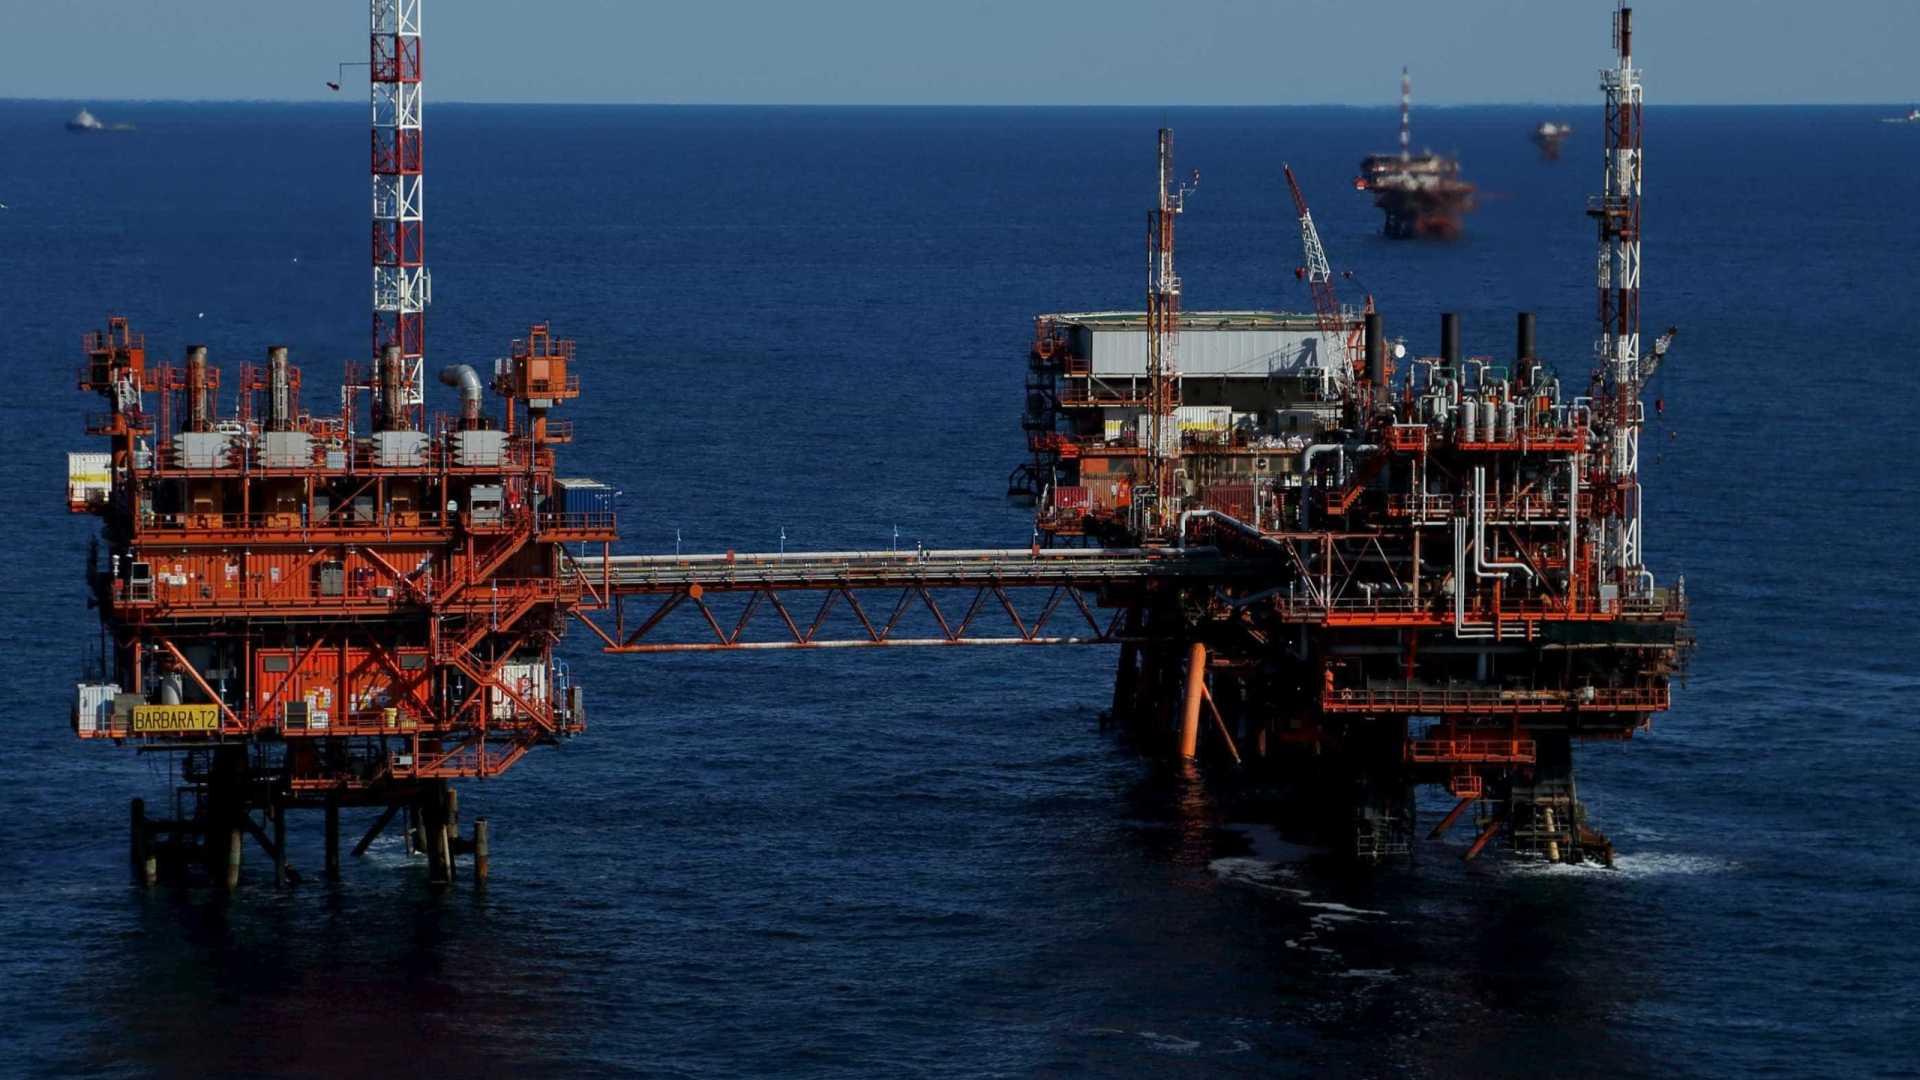 De olho em arrecadação, governo leiloa óleo, gás e hidrelétricas